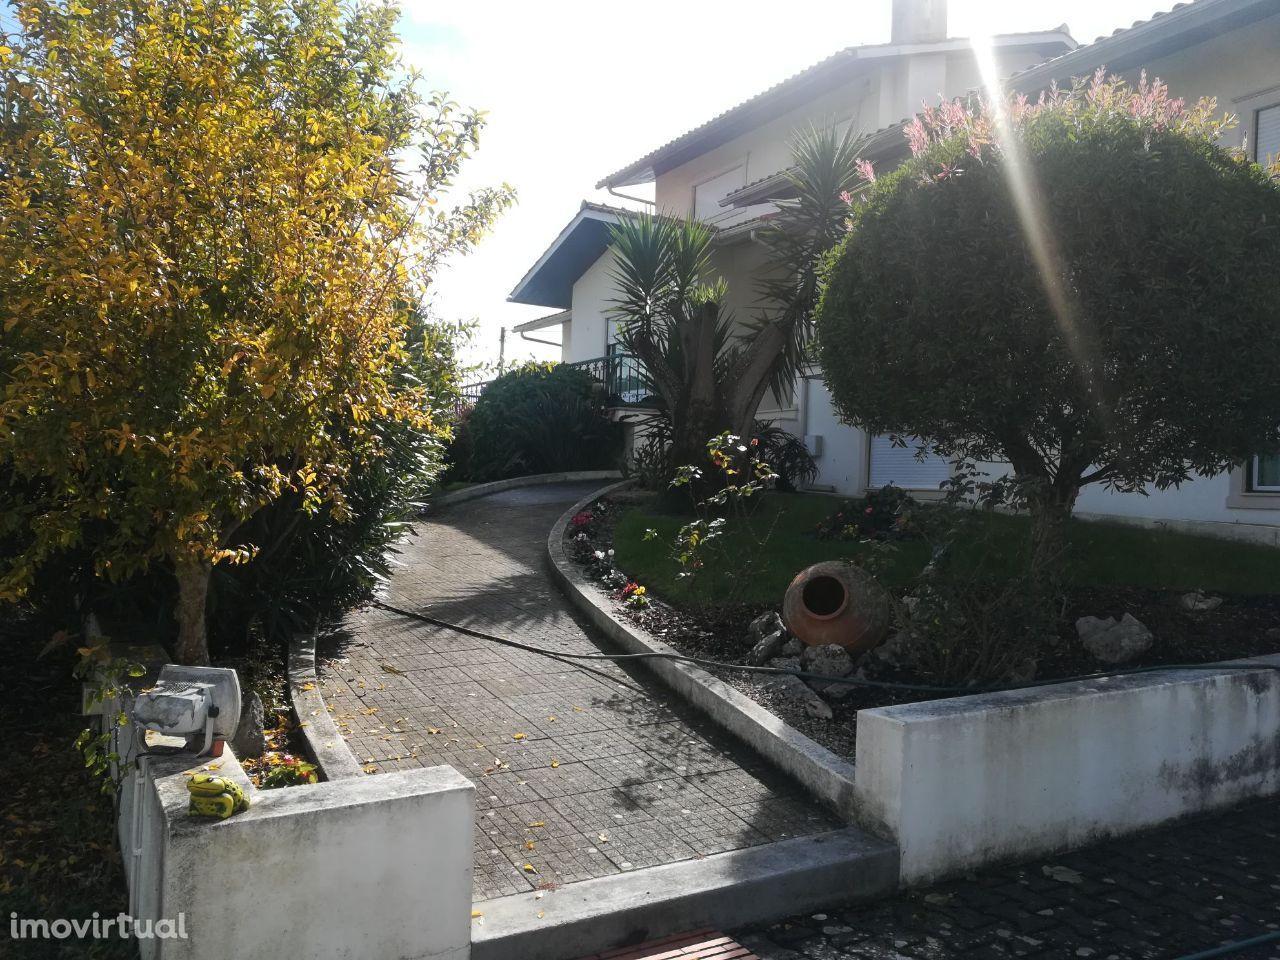 Excelente Moradia em zona nobre nos arredores de Leiria